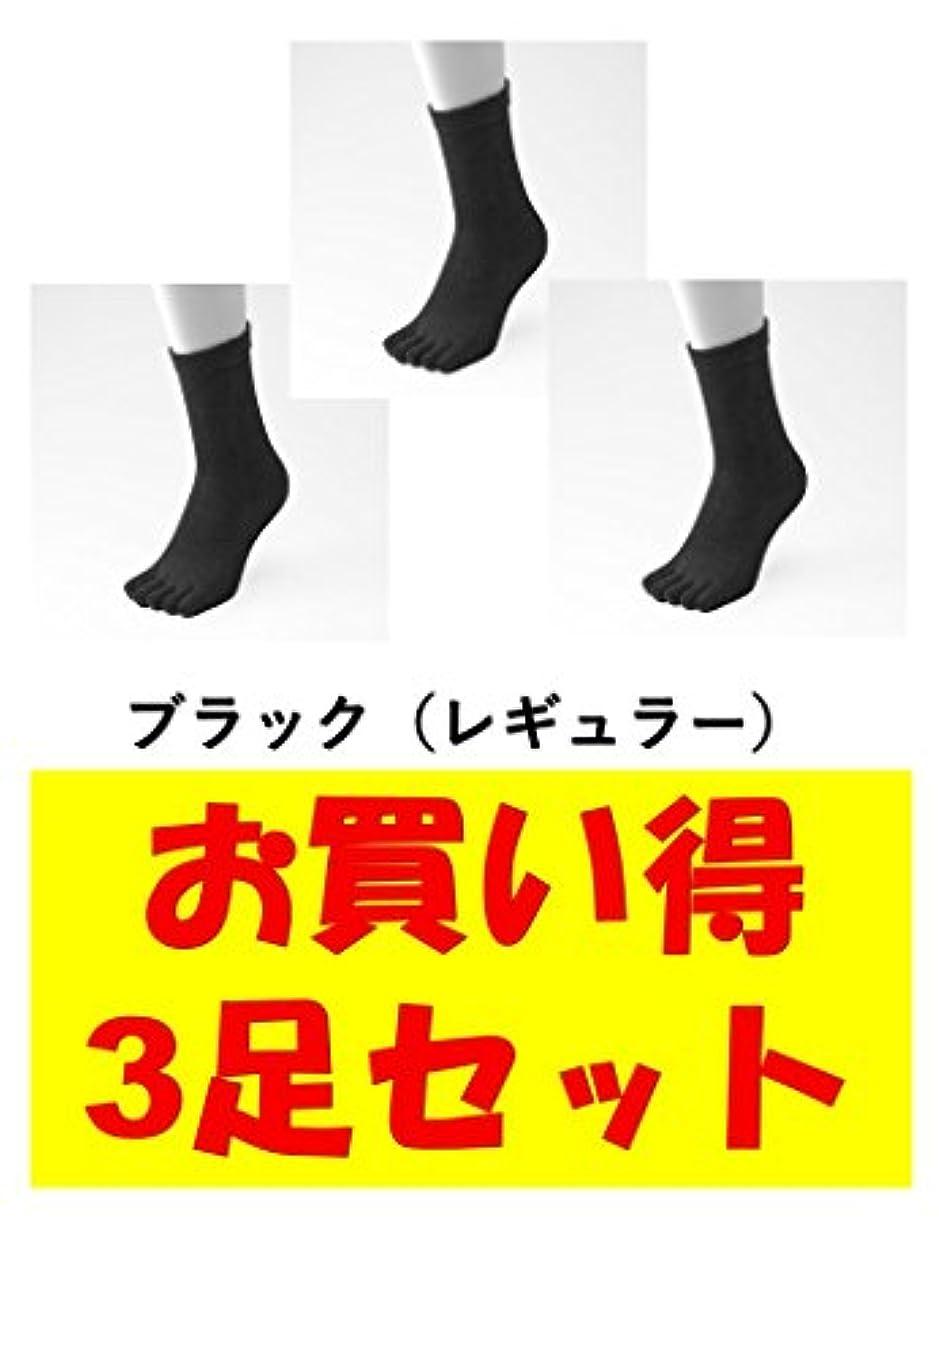 コーデリア品種剪断お買い得3足セット 5本指 ゆびのばソックス ゆびのばレギュラー ブラック 女性用 22.0cm-25.5cm HSREGR-BLK